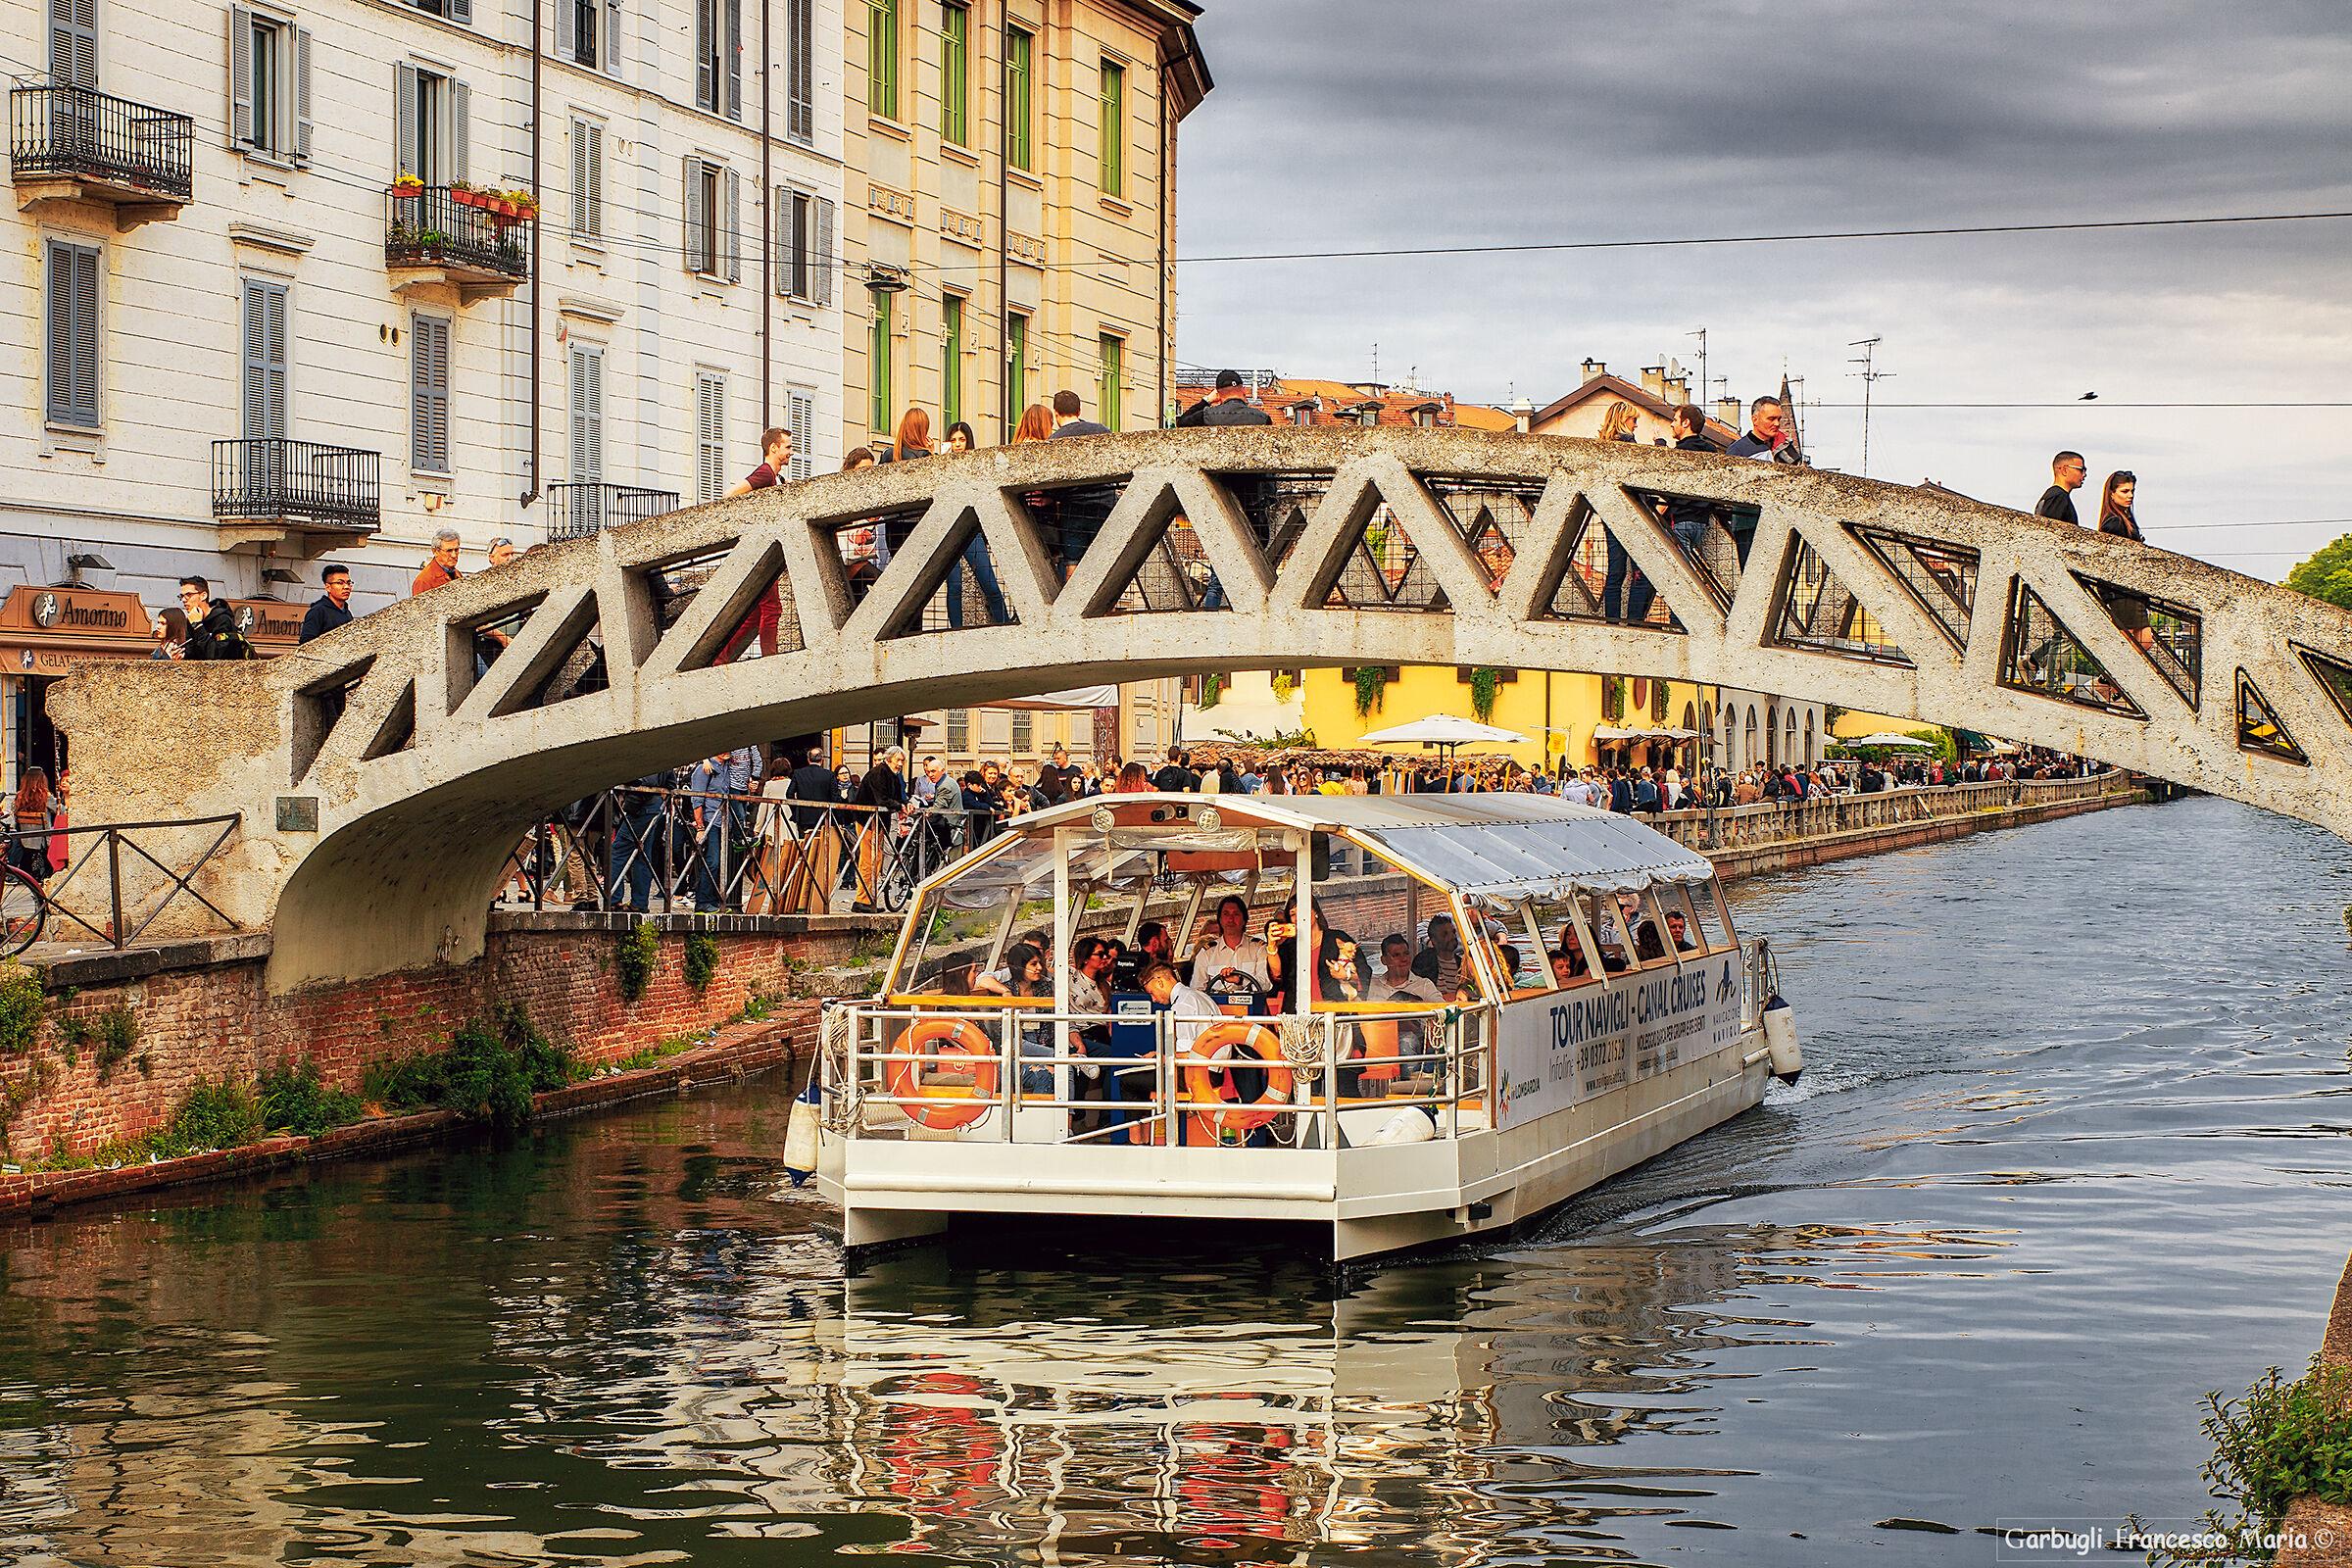 The Bridge of the Naviglio...